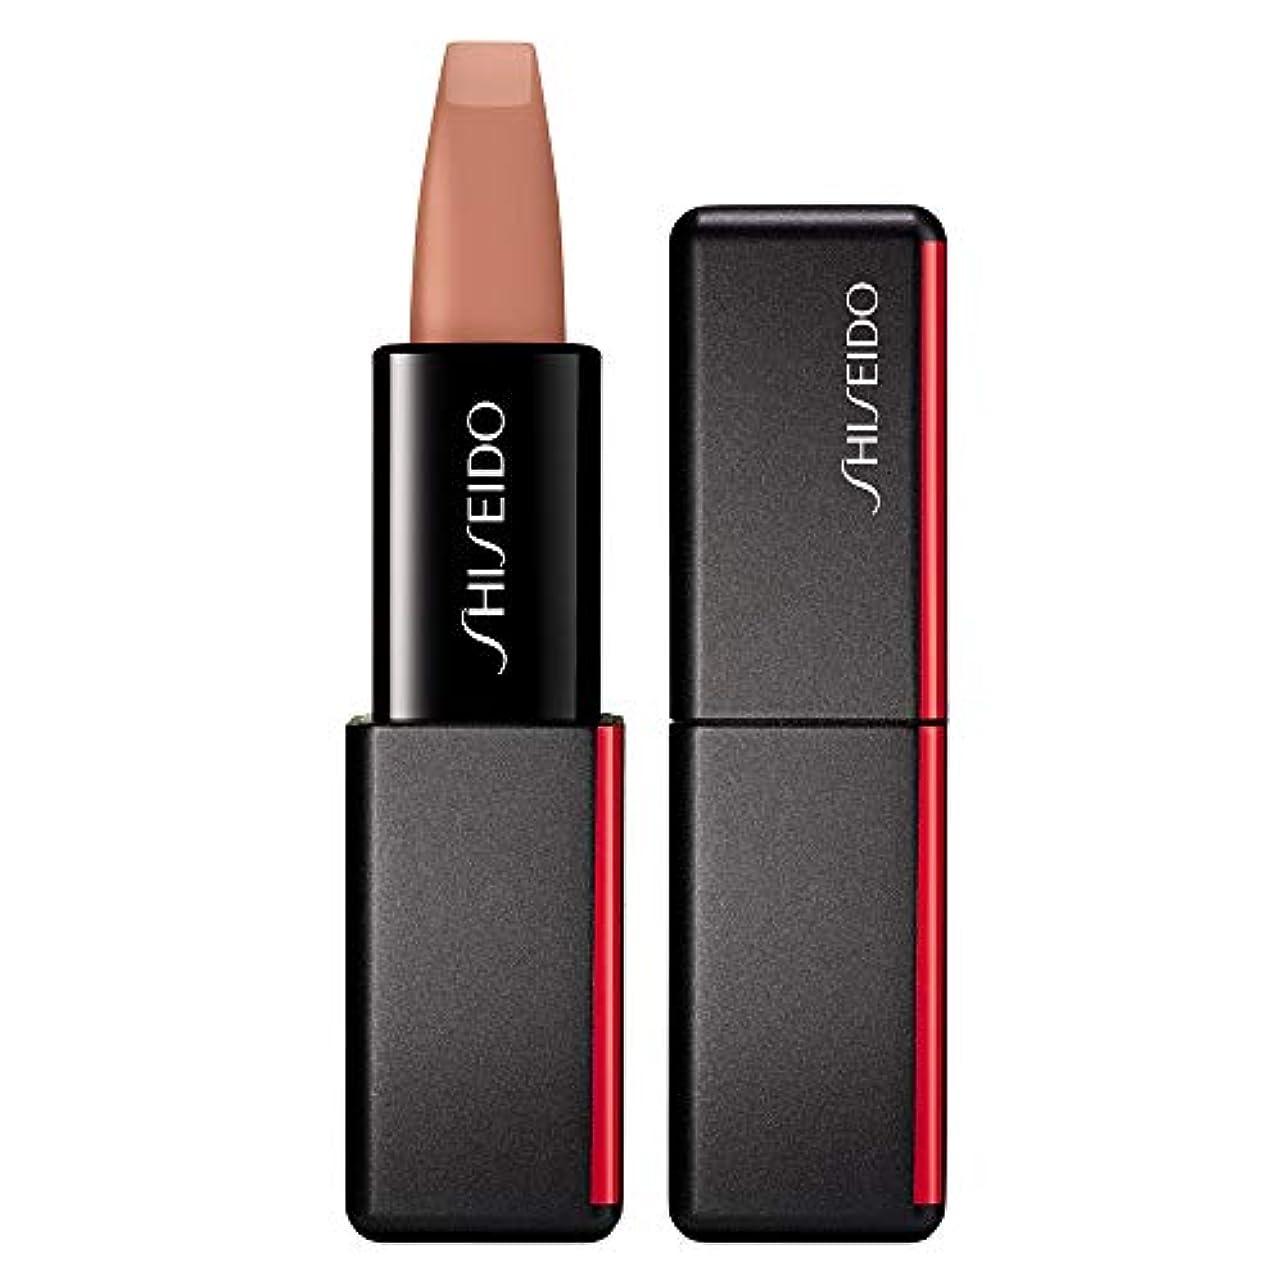 ハロウィンくすぐったい不完全な資生堂 ModernMatte Powder Lipstick - # 502 Whisper (Nude Pink) 4g/0.14oz並行輸入品